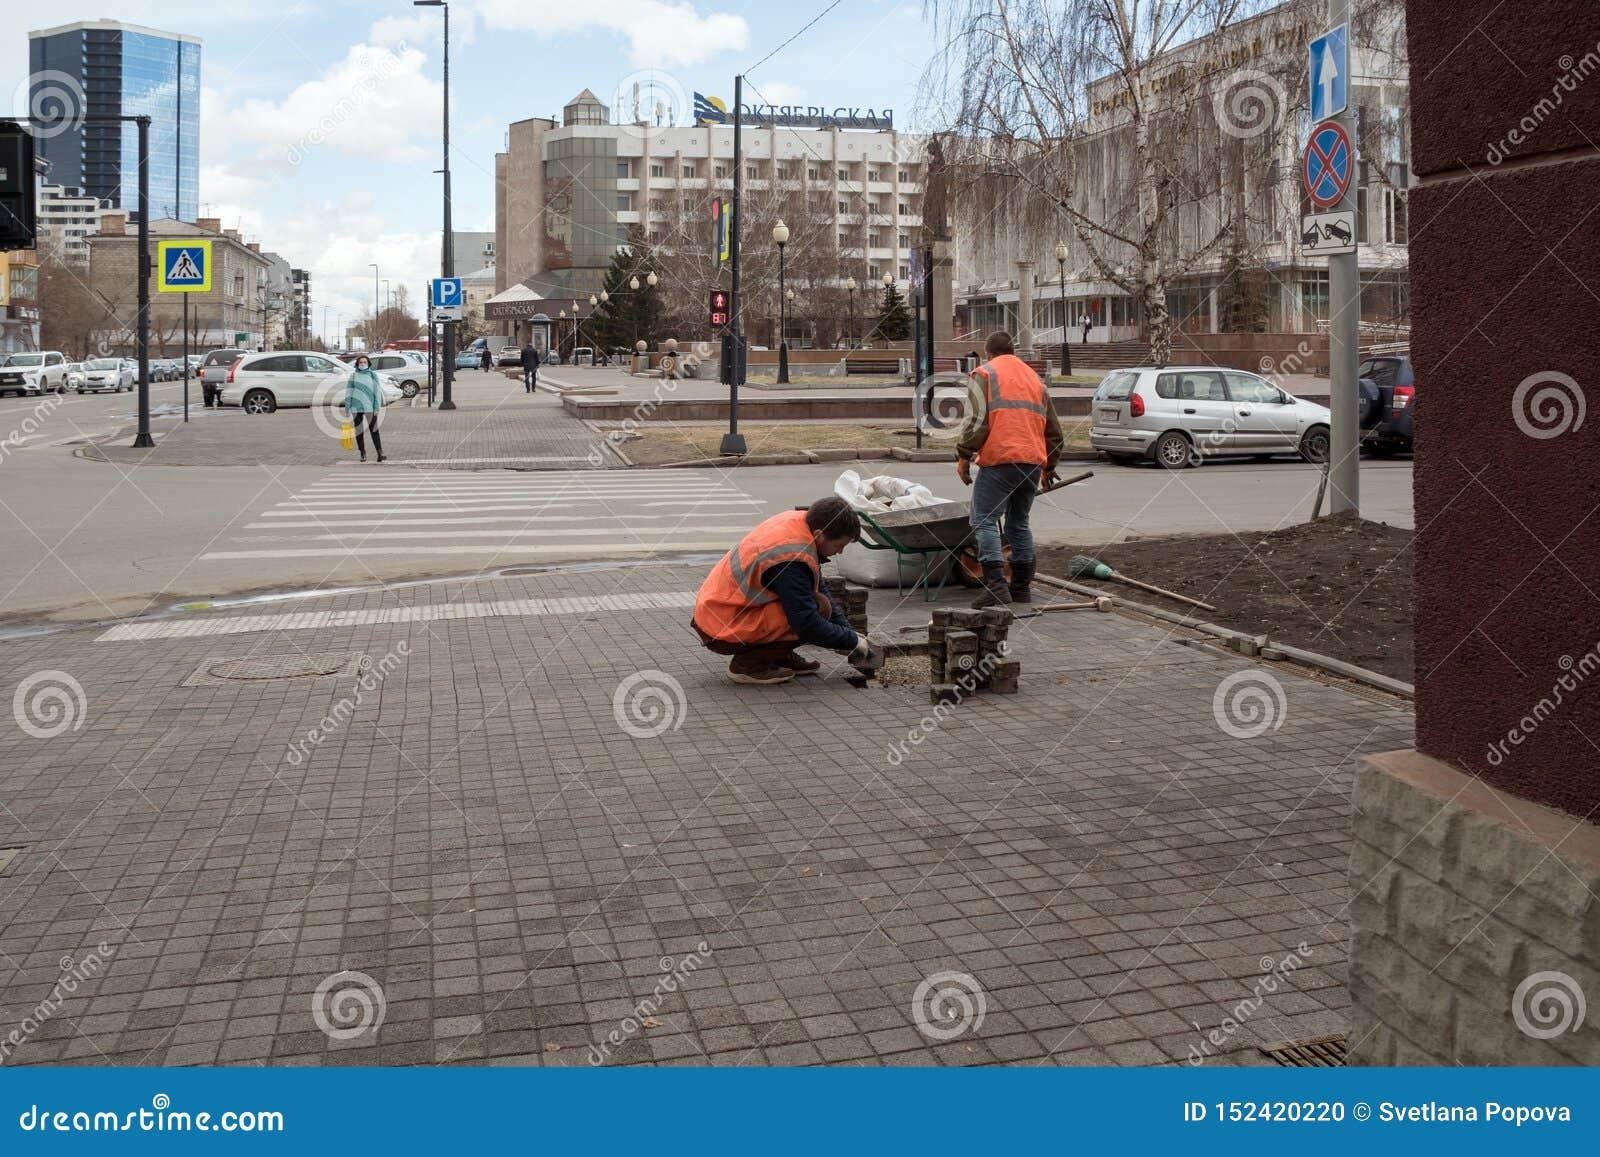 Οι εργαζόμενοι στις φωτεινές προστατευτικές φανέλλες επισκευάζουν τις πλάκες επίστρωσης μπροστά από ένα για τους πεζούς πέρασμα σ